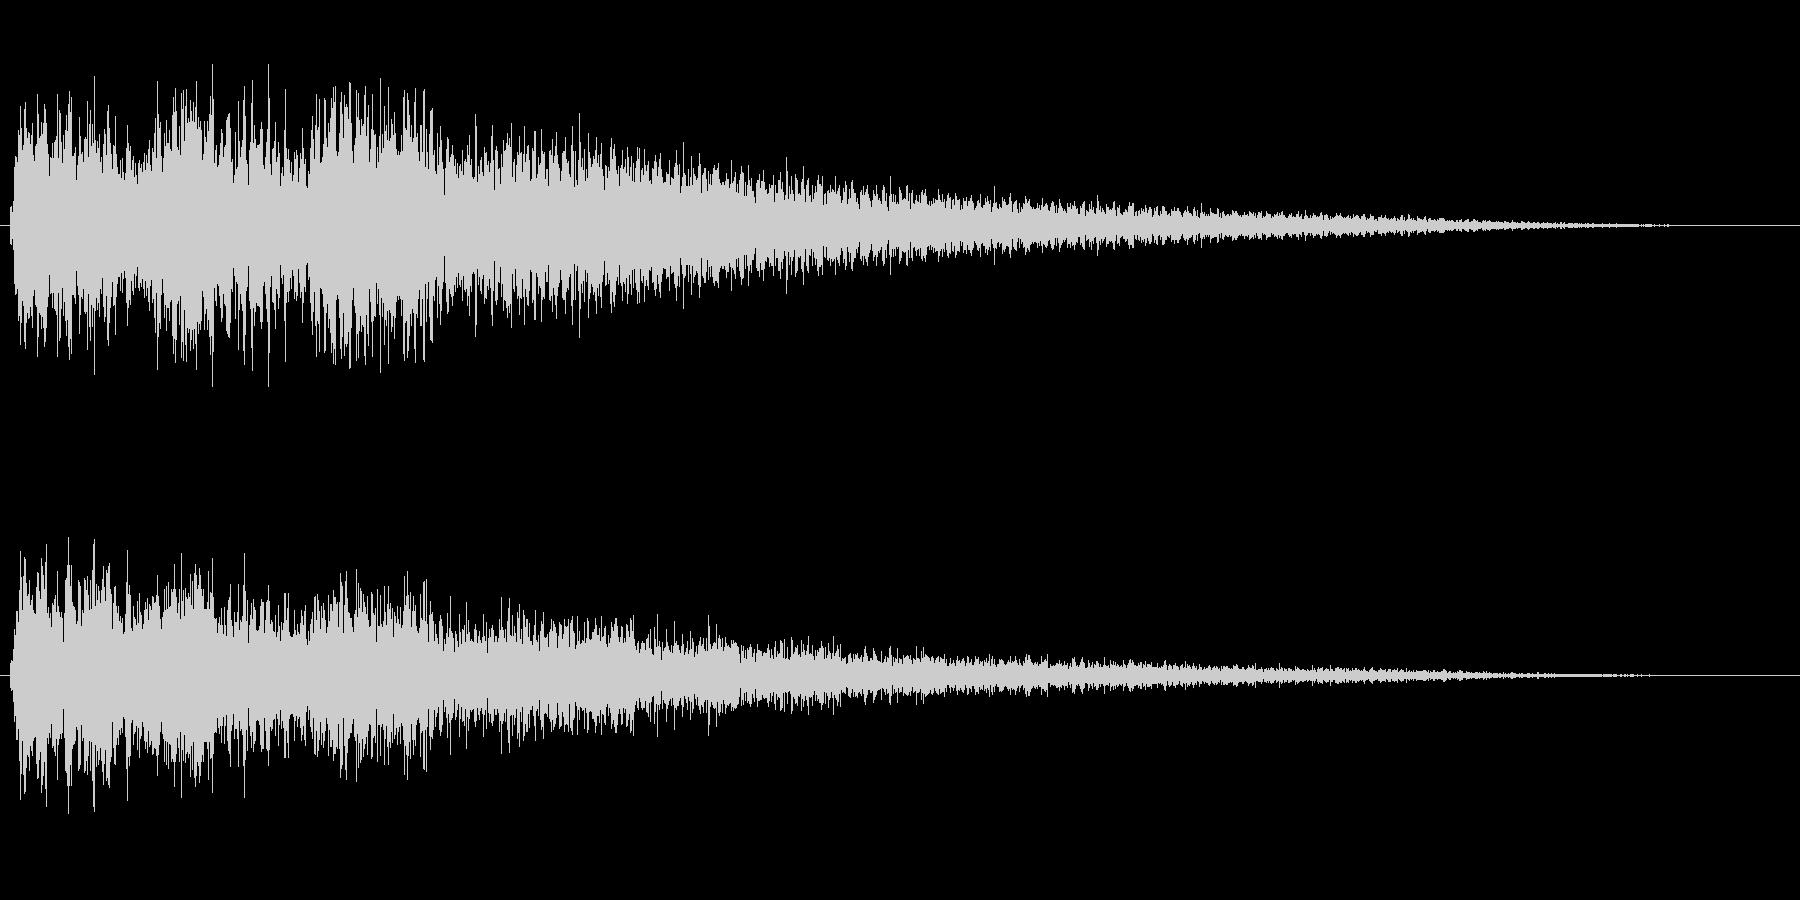 シュイーンという勢いがある音の未再生の波形